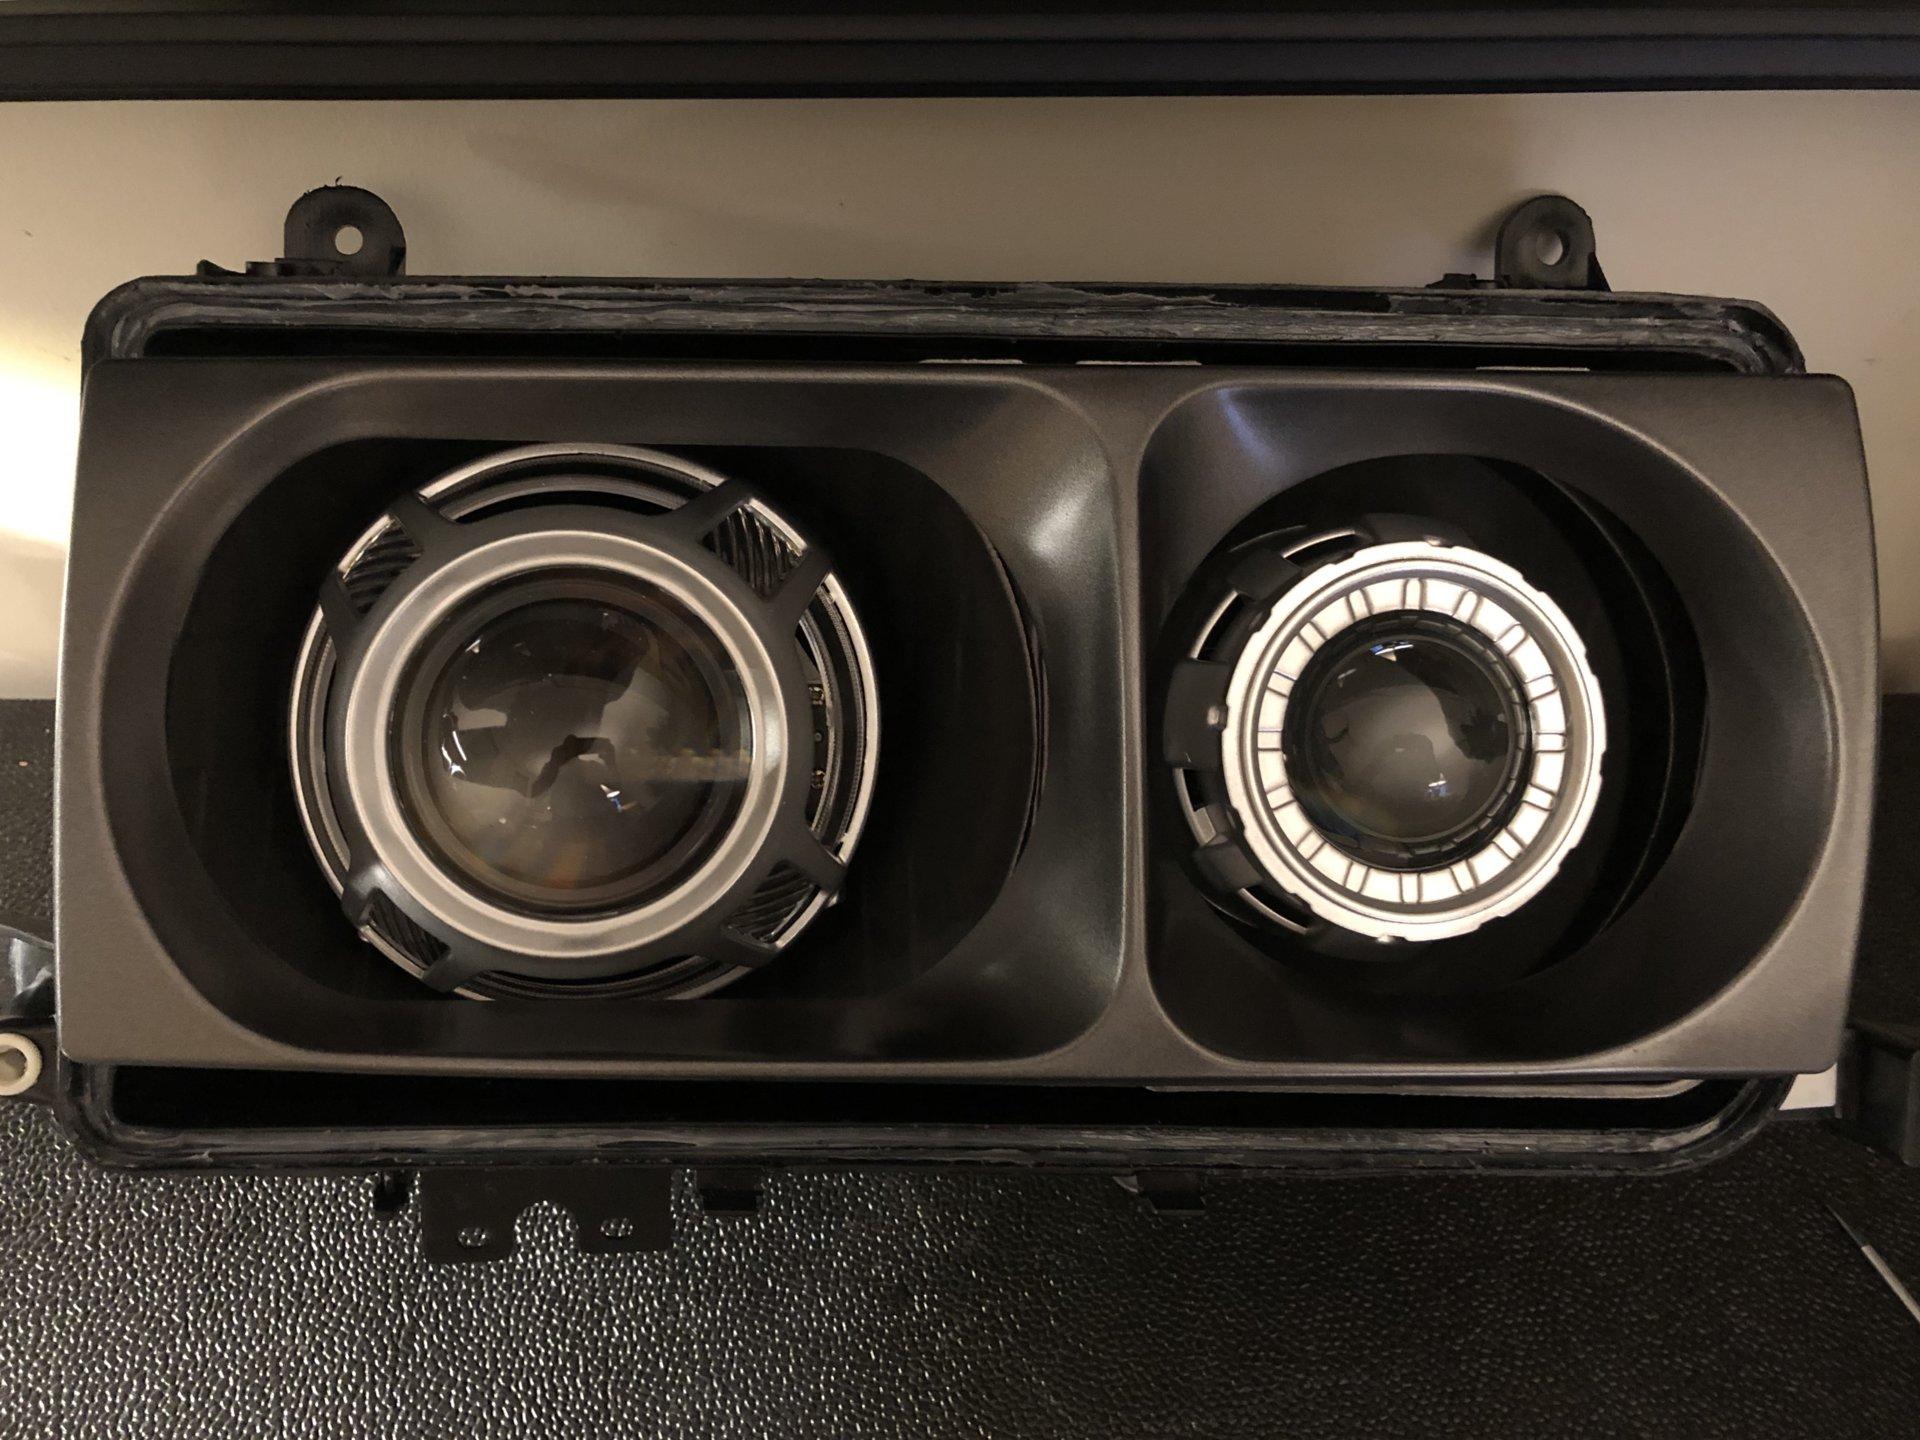 D9536ED6-79DA-4756-A185-AF11A6F32596.jpeg